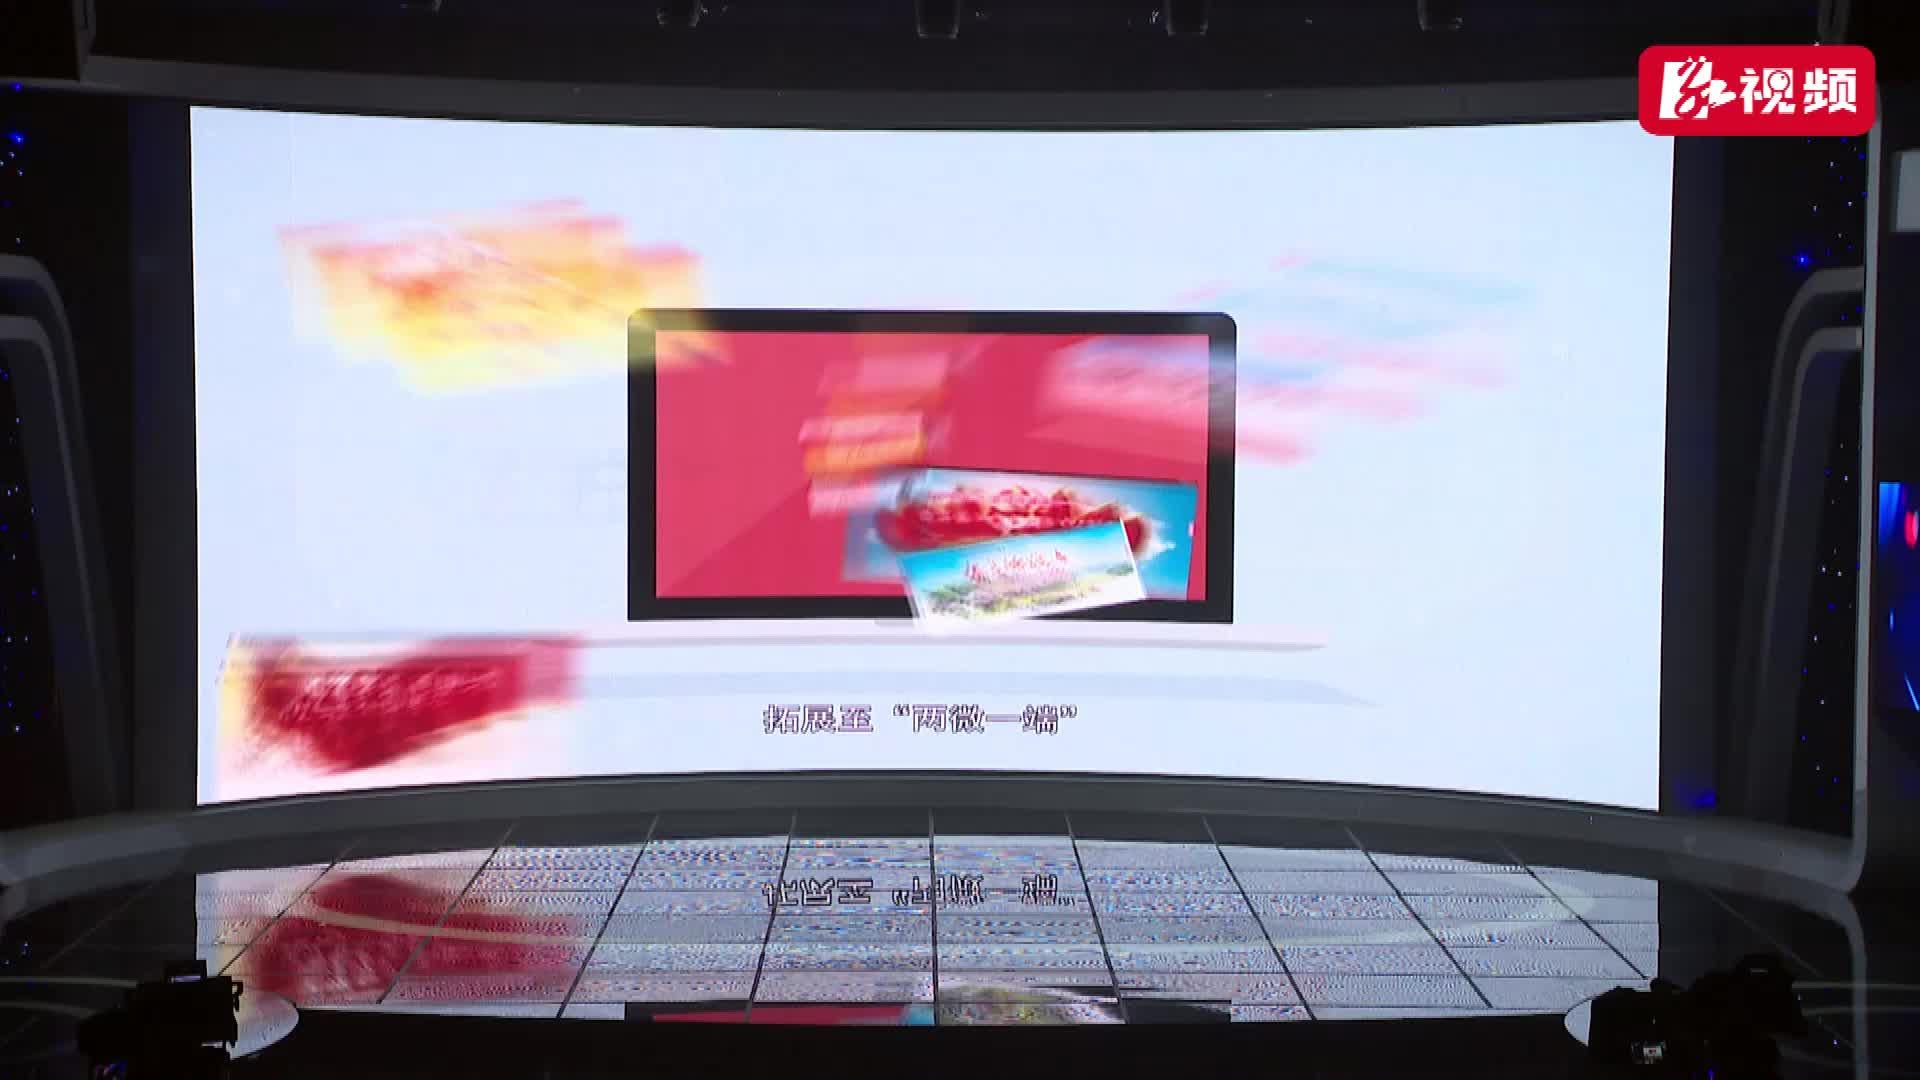 【直播回放】2019网上群众工作高峰论坛暨红网智库挂牌仪式(上)